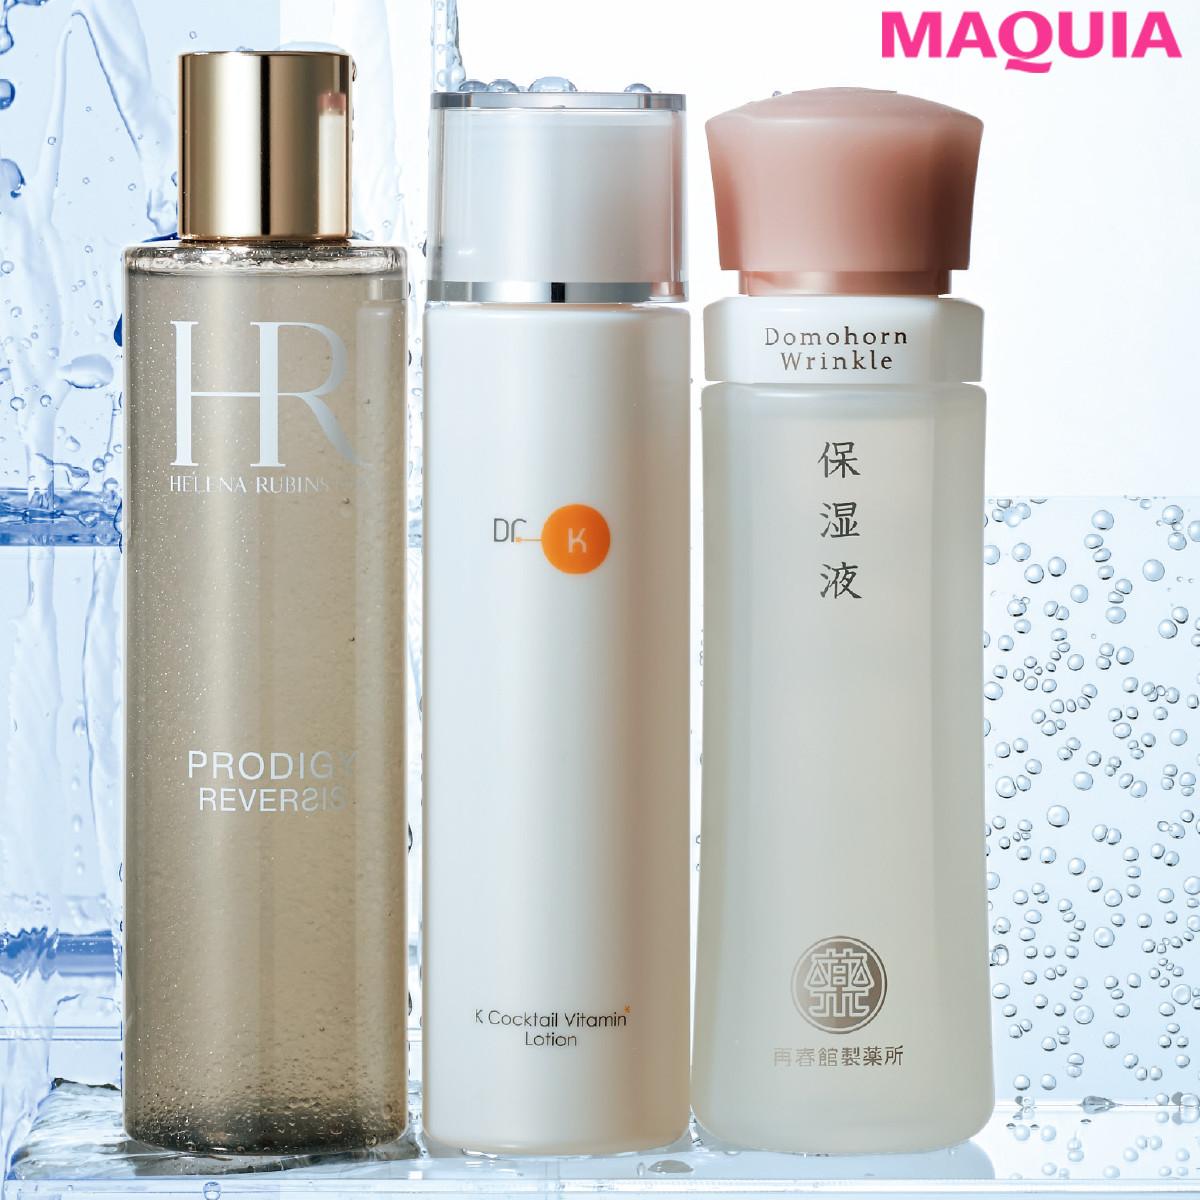 きれいな人は化粧水を3本持っているという事実